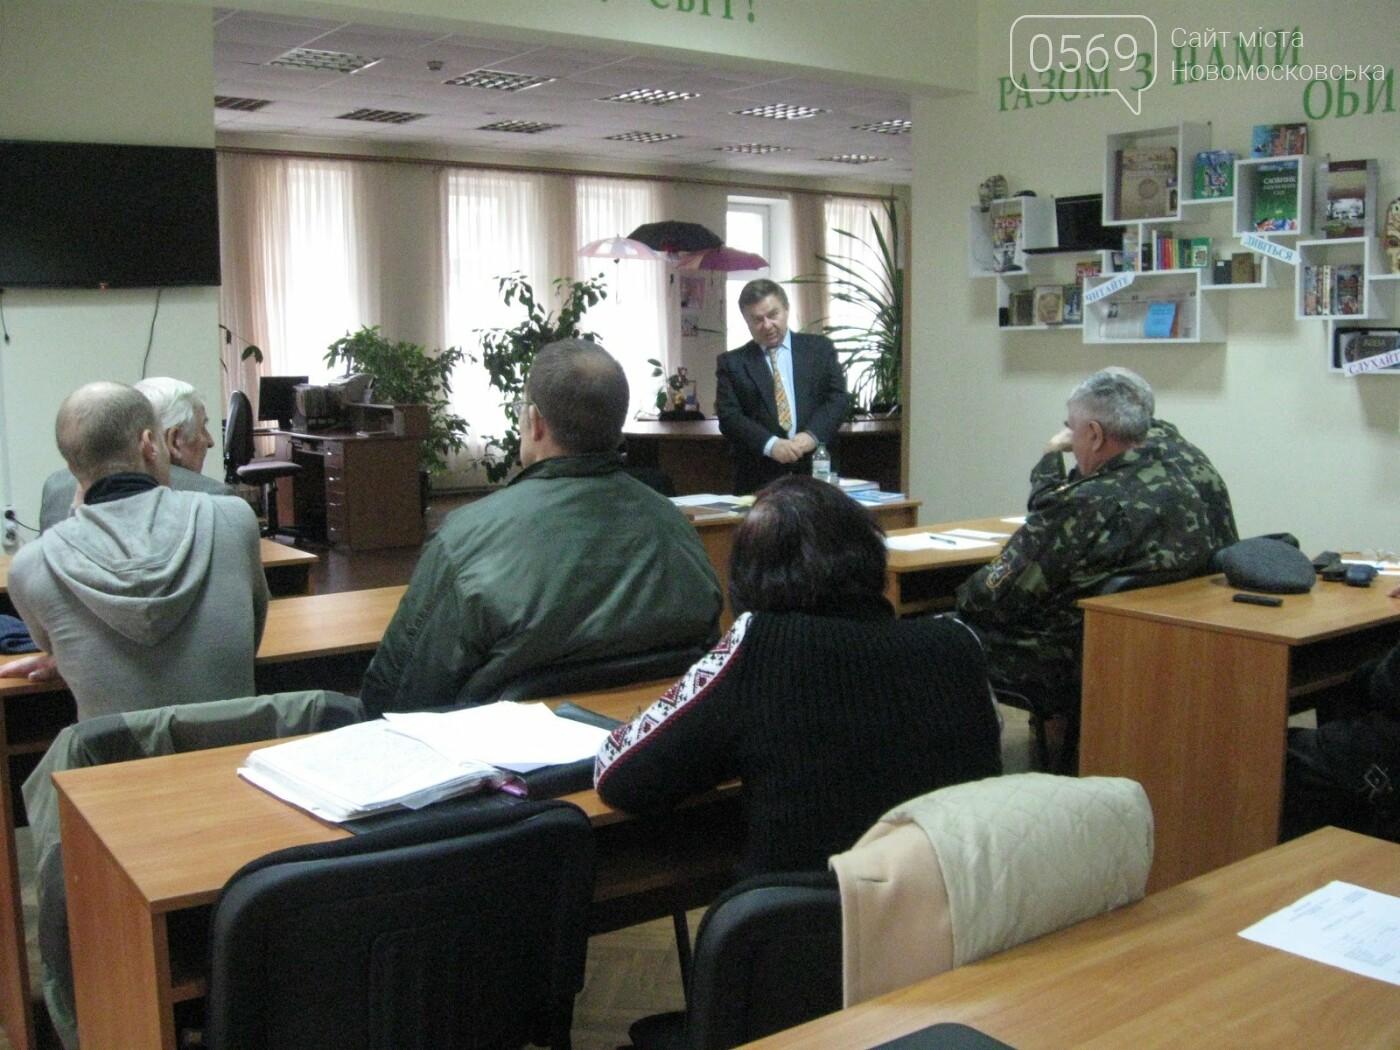 Новомосковці зустрілися з Миколою Чабаном - відомим письменником та журналістом, фото-1